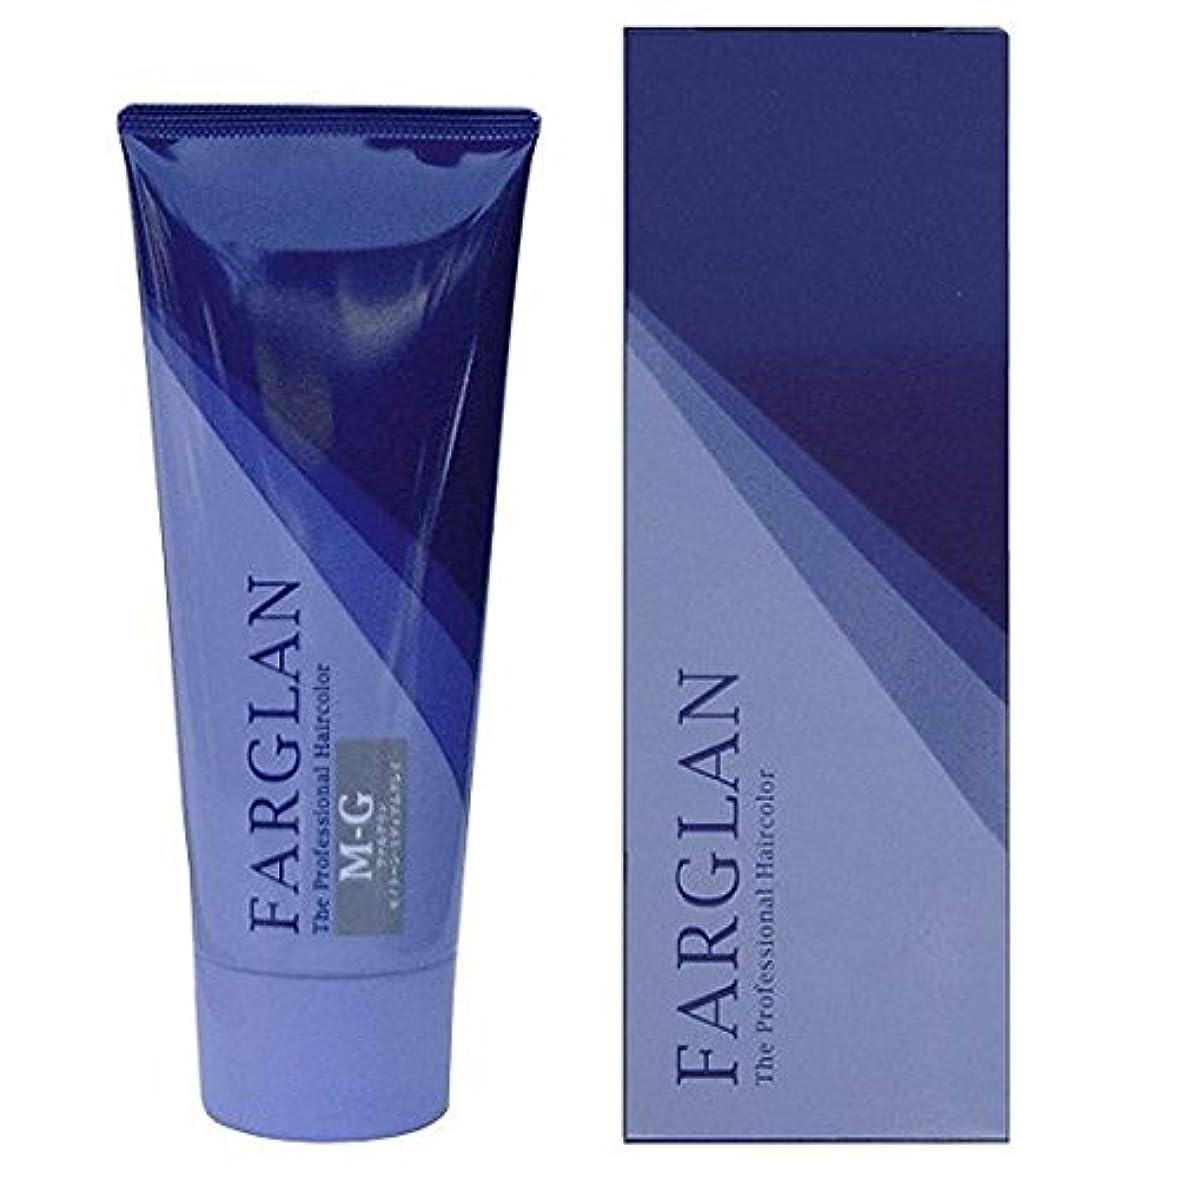 トーンリスト周術期FARGLAN(ファルグラン) ヘアカラー P-O(Pale-Olive) 160g